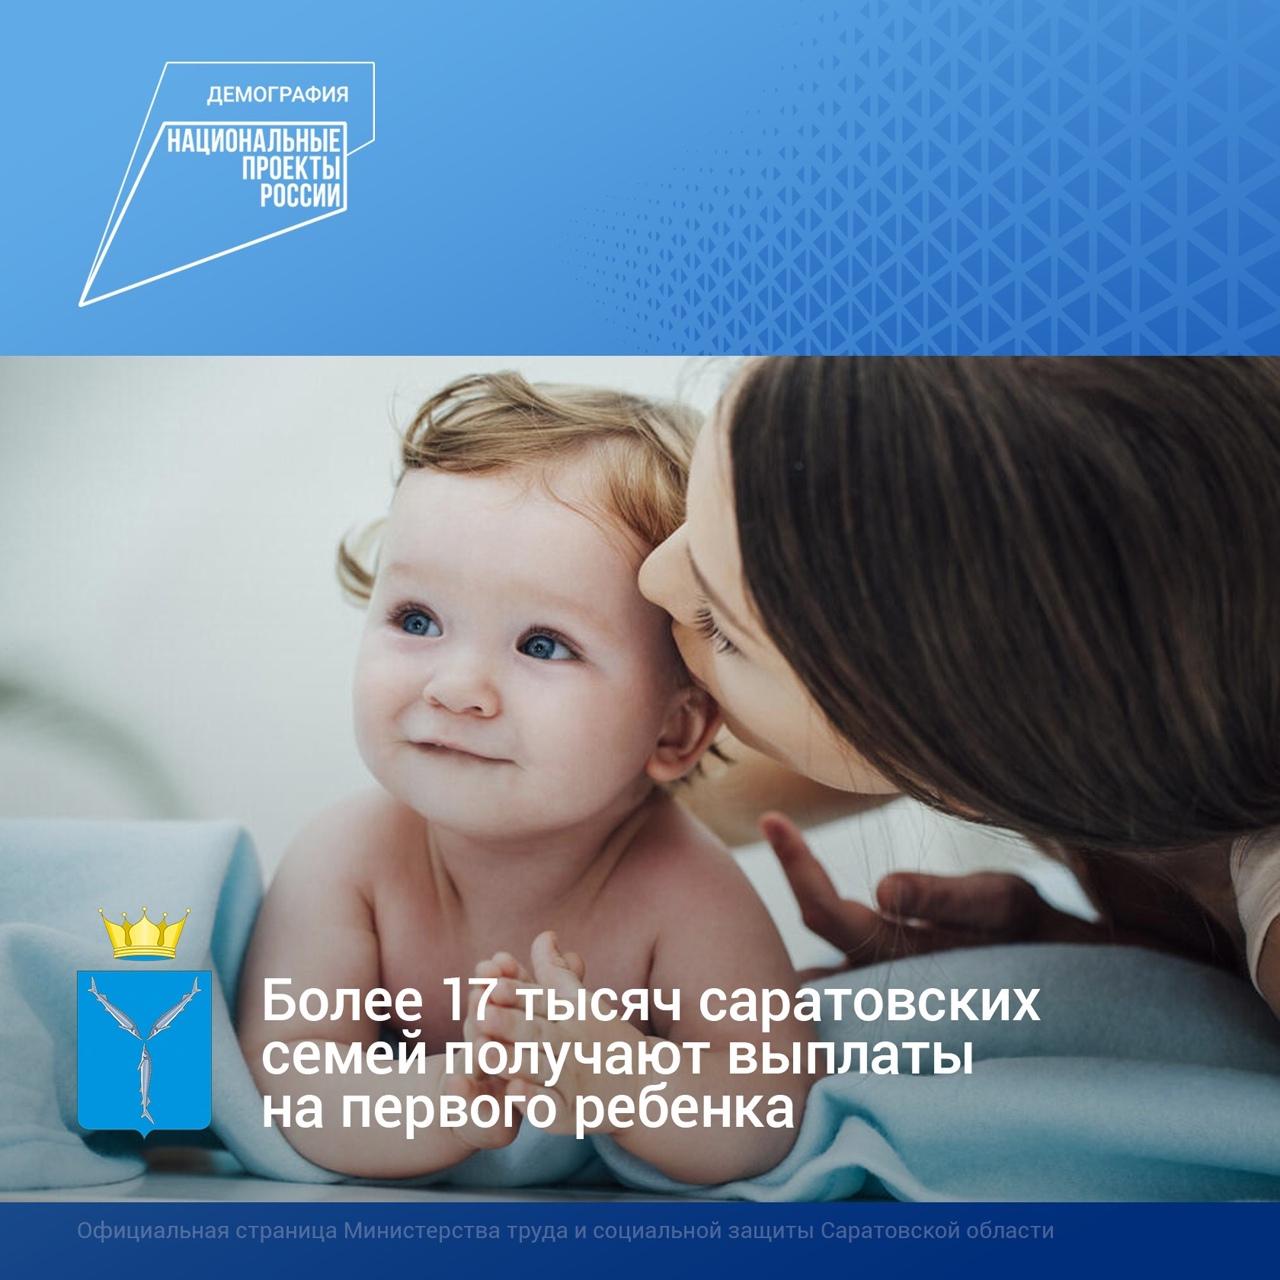 На сегодняшний день более 17 тысяч семей в Саратовской области получают выплаты на первого ребенка, из них более 100 семей – на детей, рожденных в 2021 году